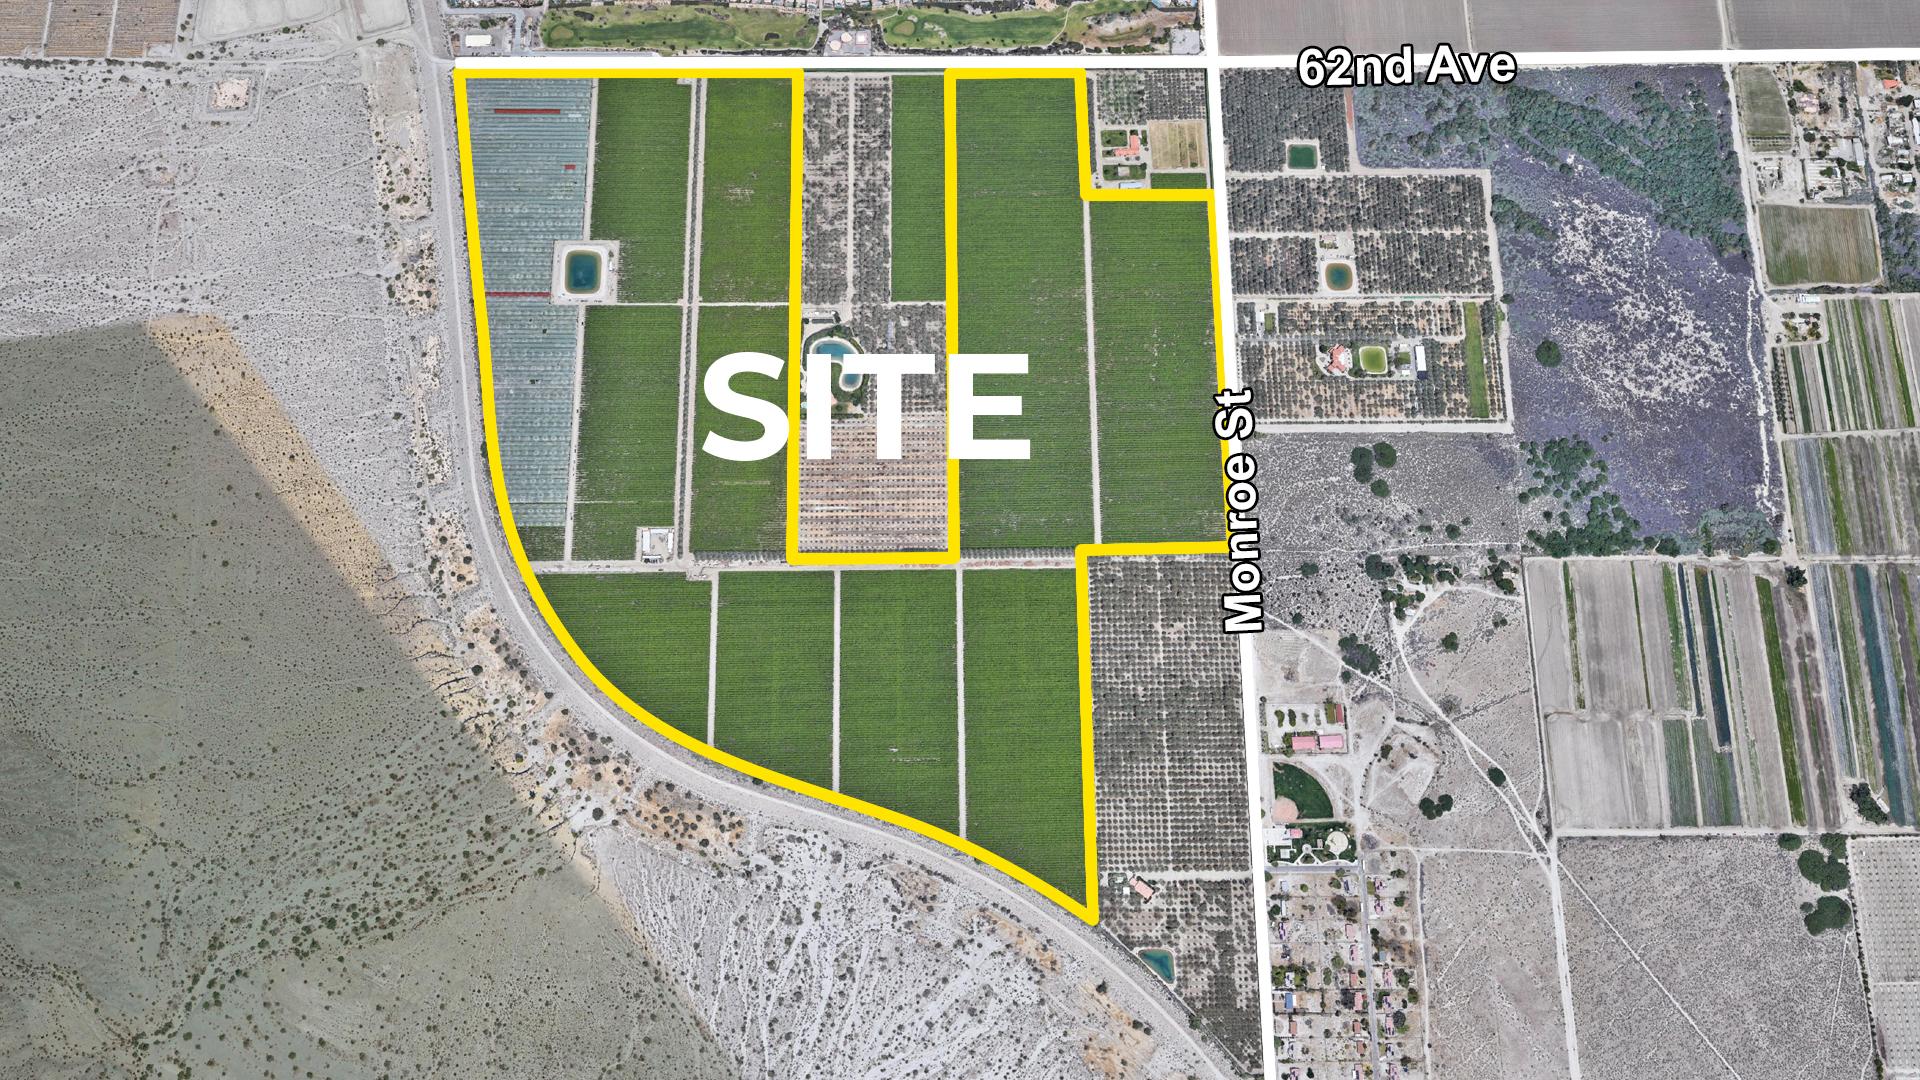 200 AC 62nd Ave Monroe St VSR Zoomed Aerial